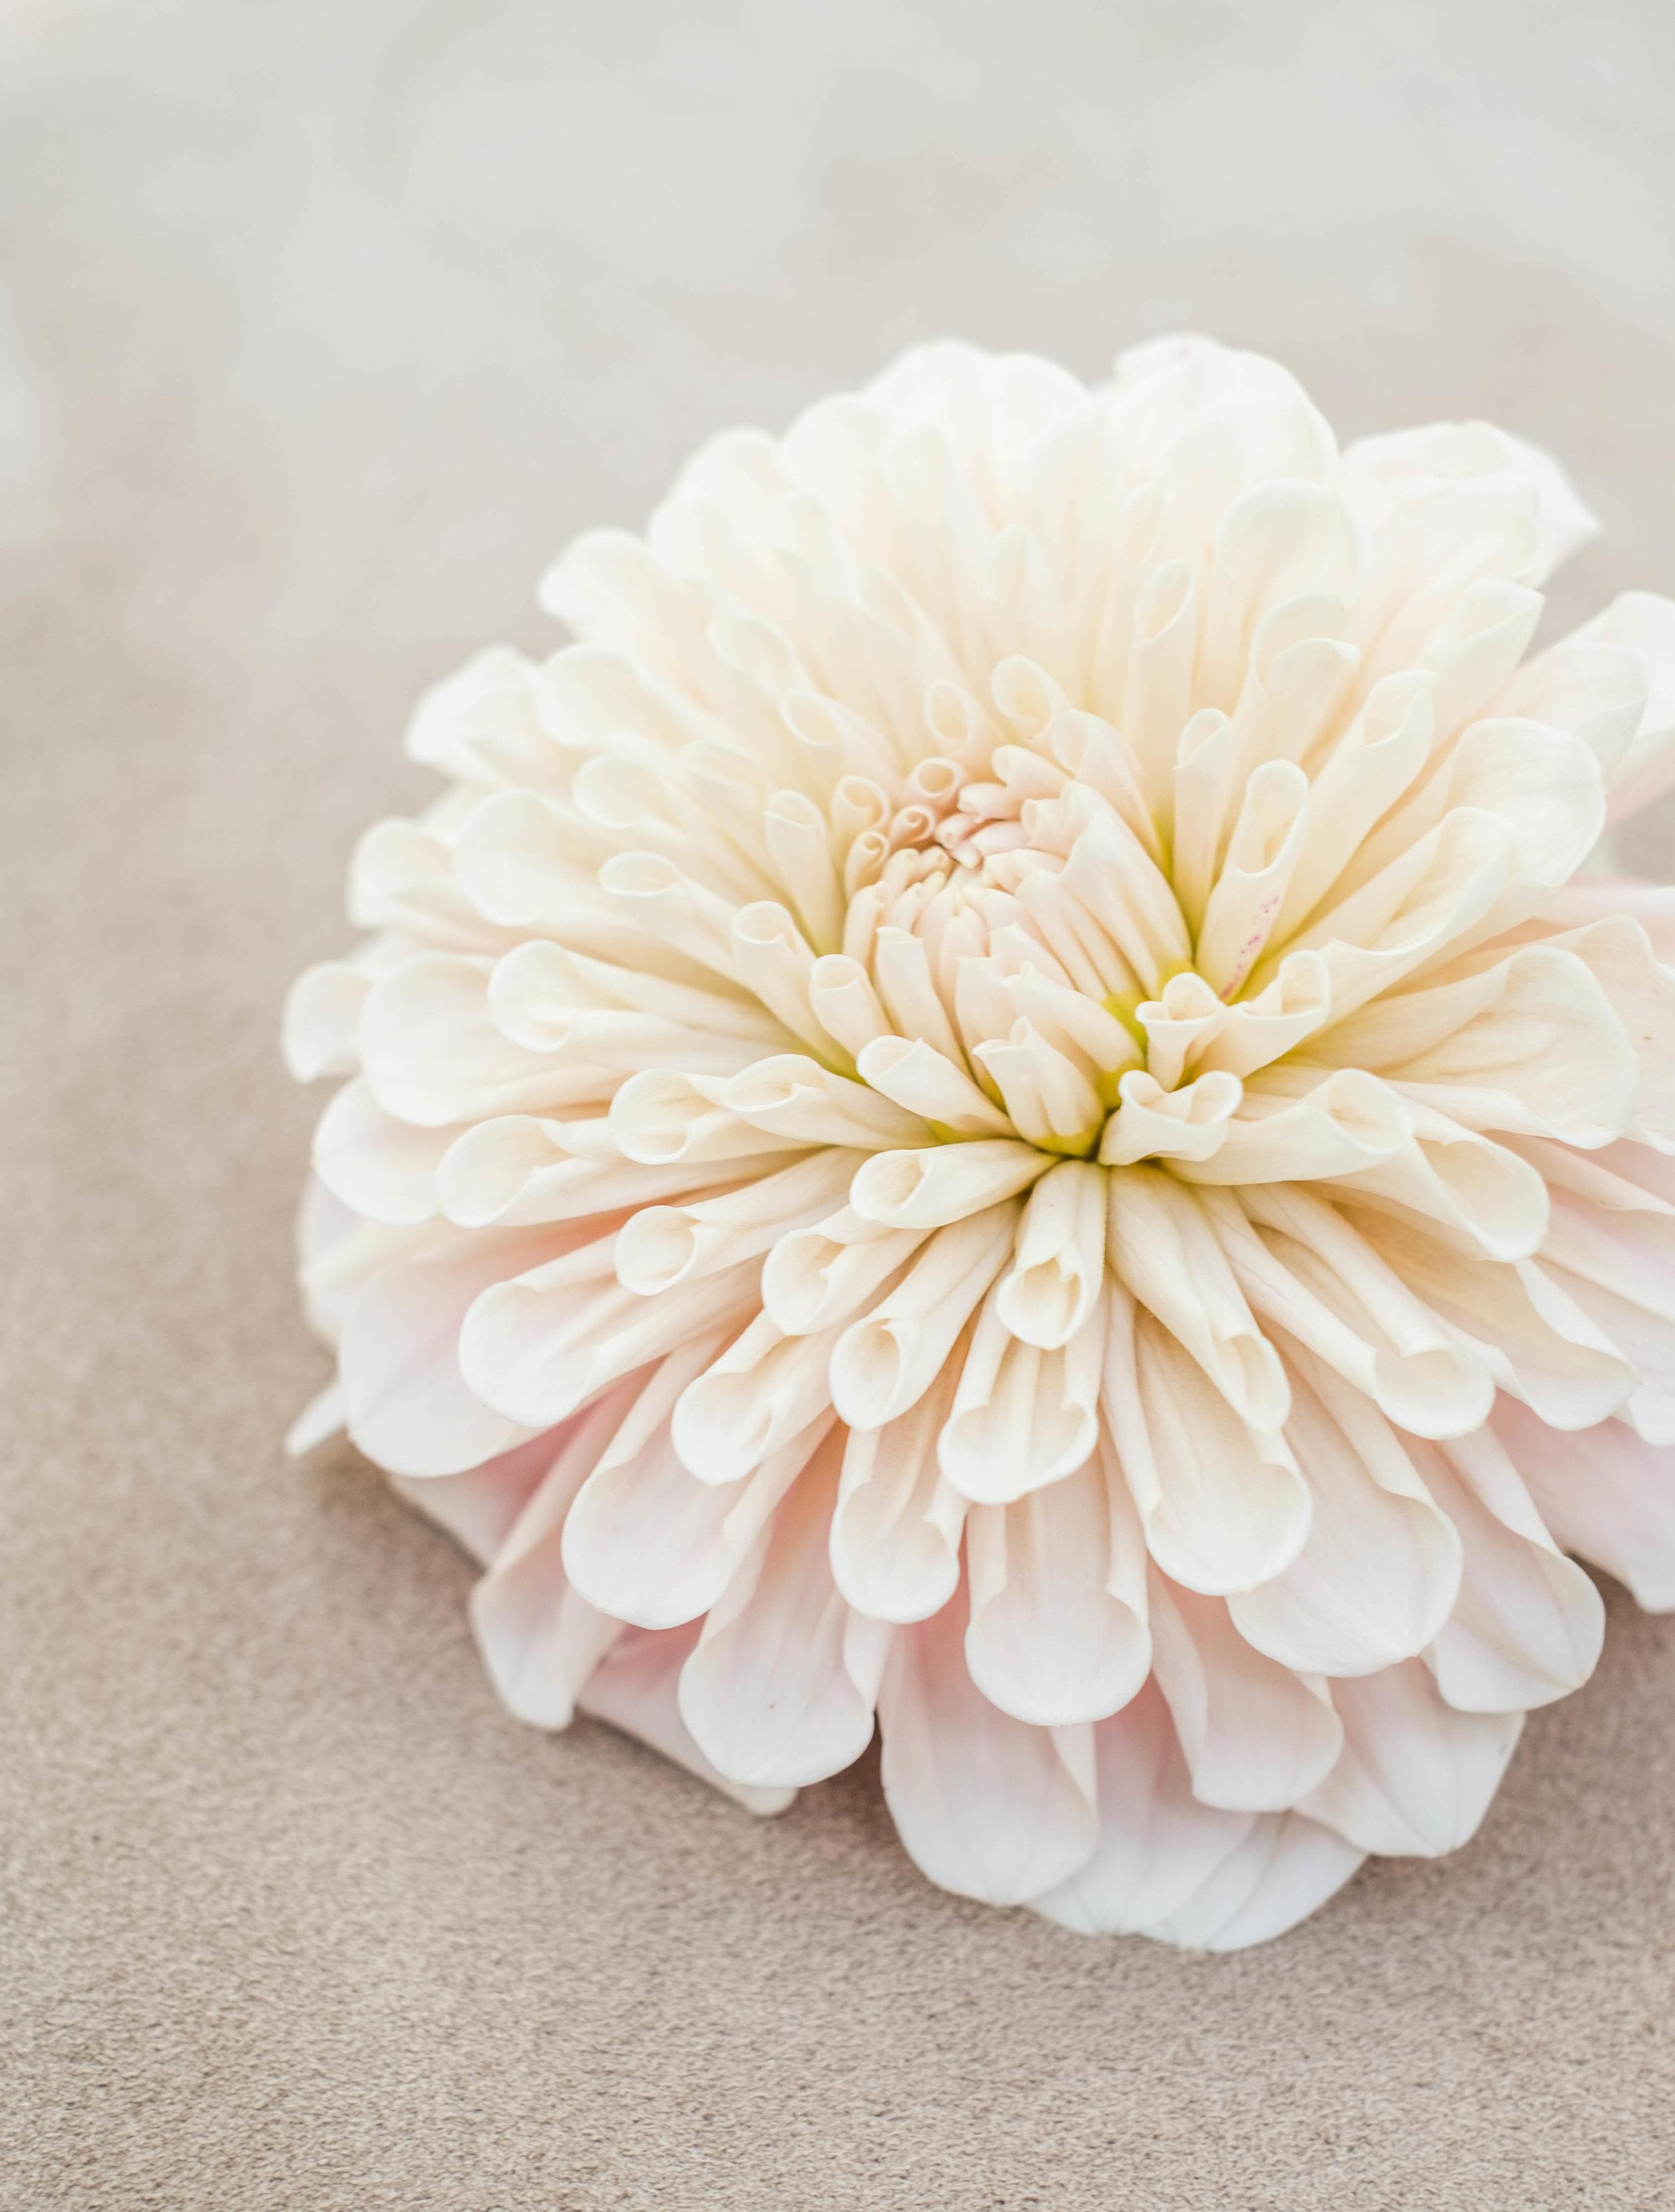 bloemen21-06-8.jpg